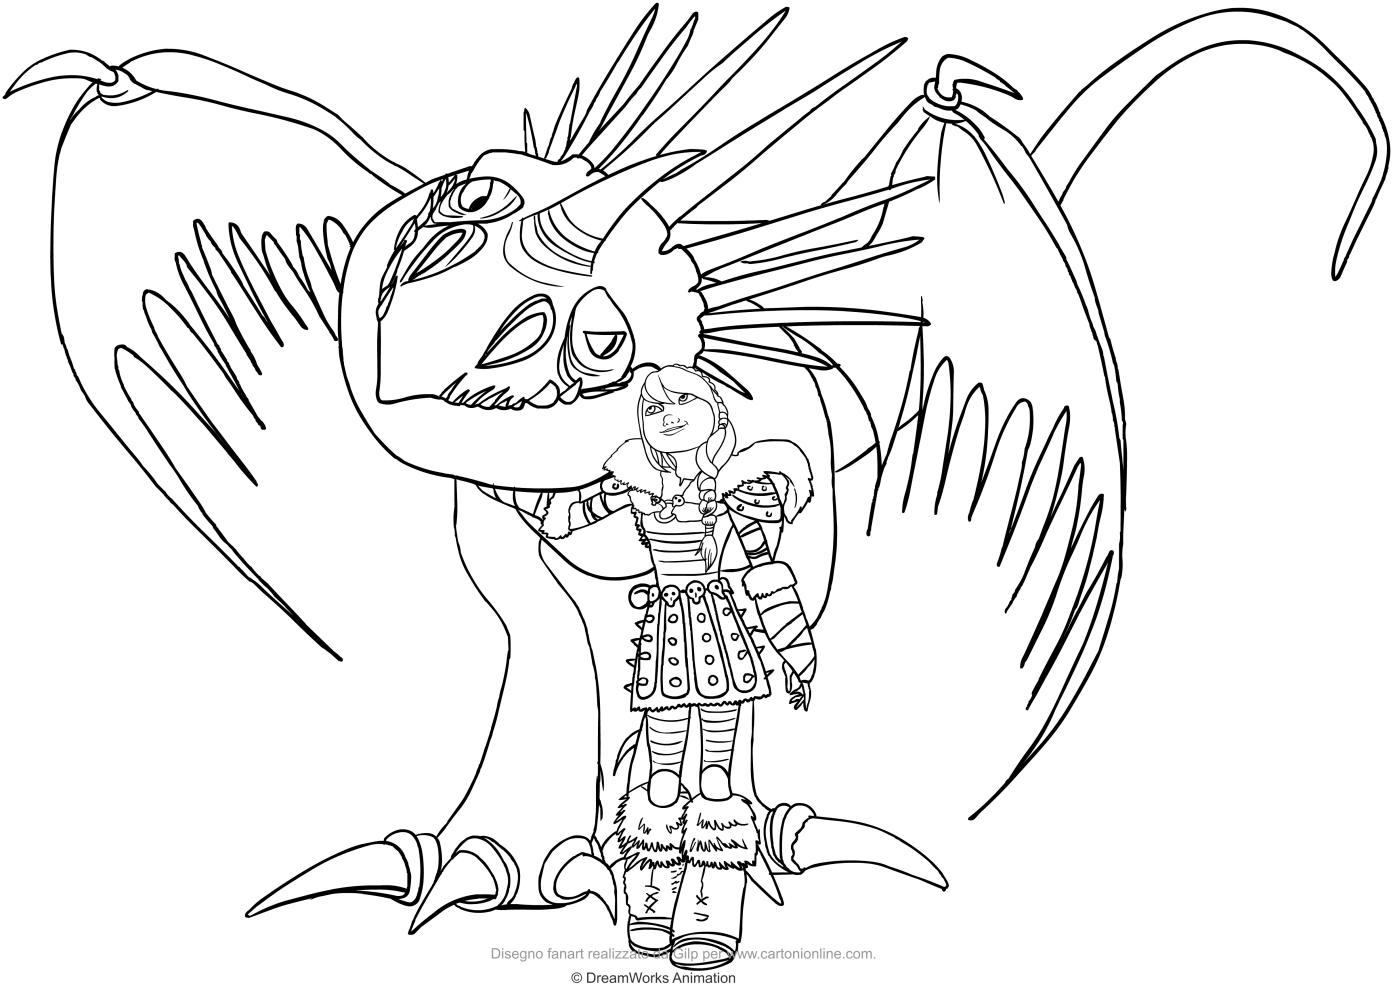 Disegni Da Colorare Dragon Trainer.Disegno Di Astrid E Tempestosa Il Drago Da Colorare